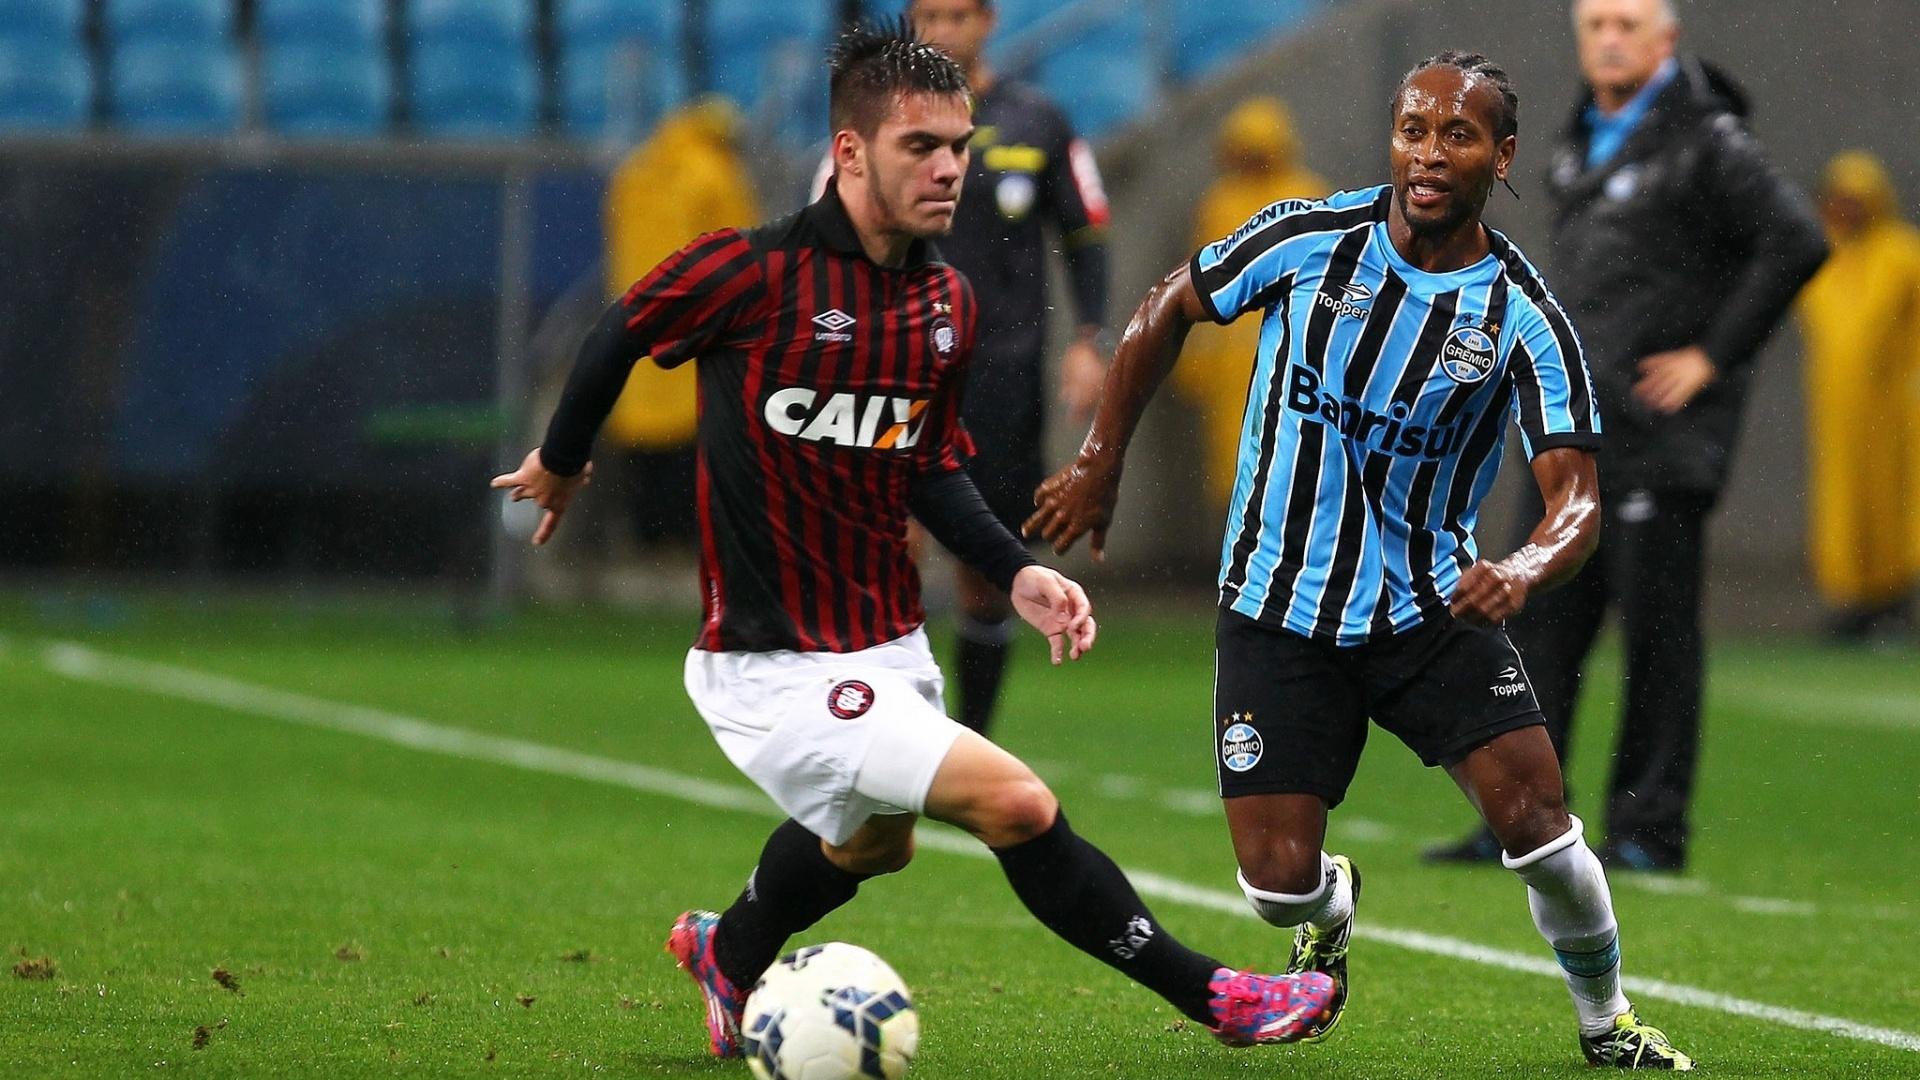 Zé Roberto encara a marcação do Atlético-PR em jogo do Grêmio pelo Brasileirão